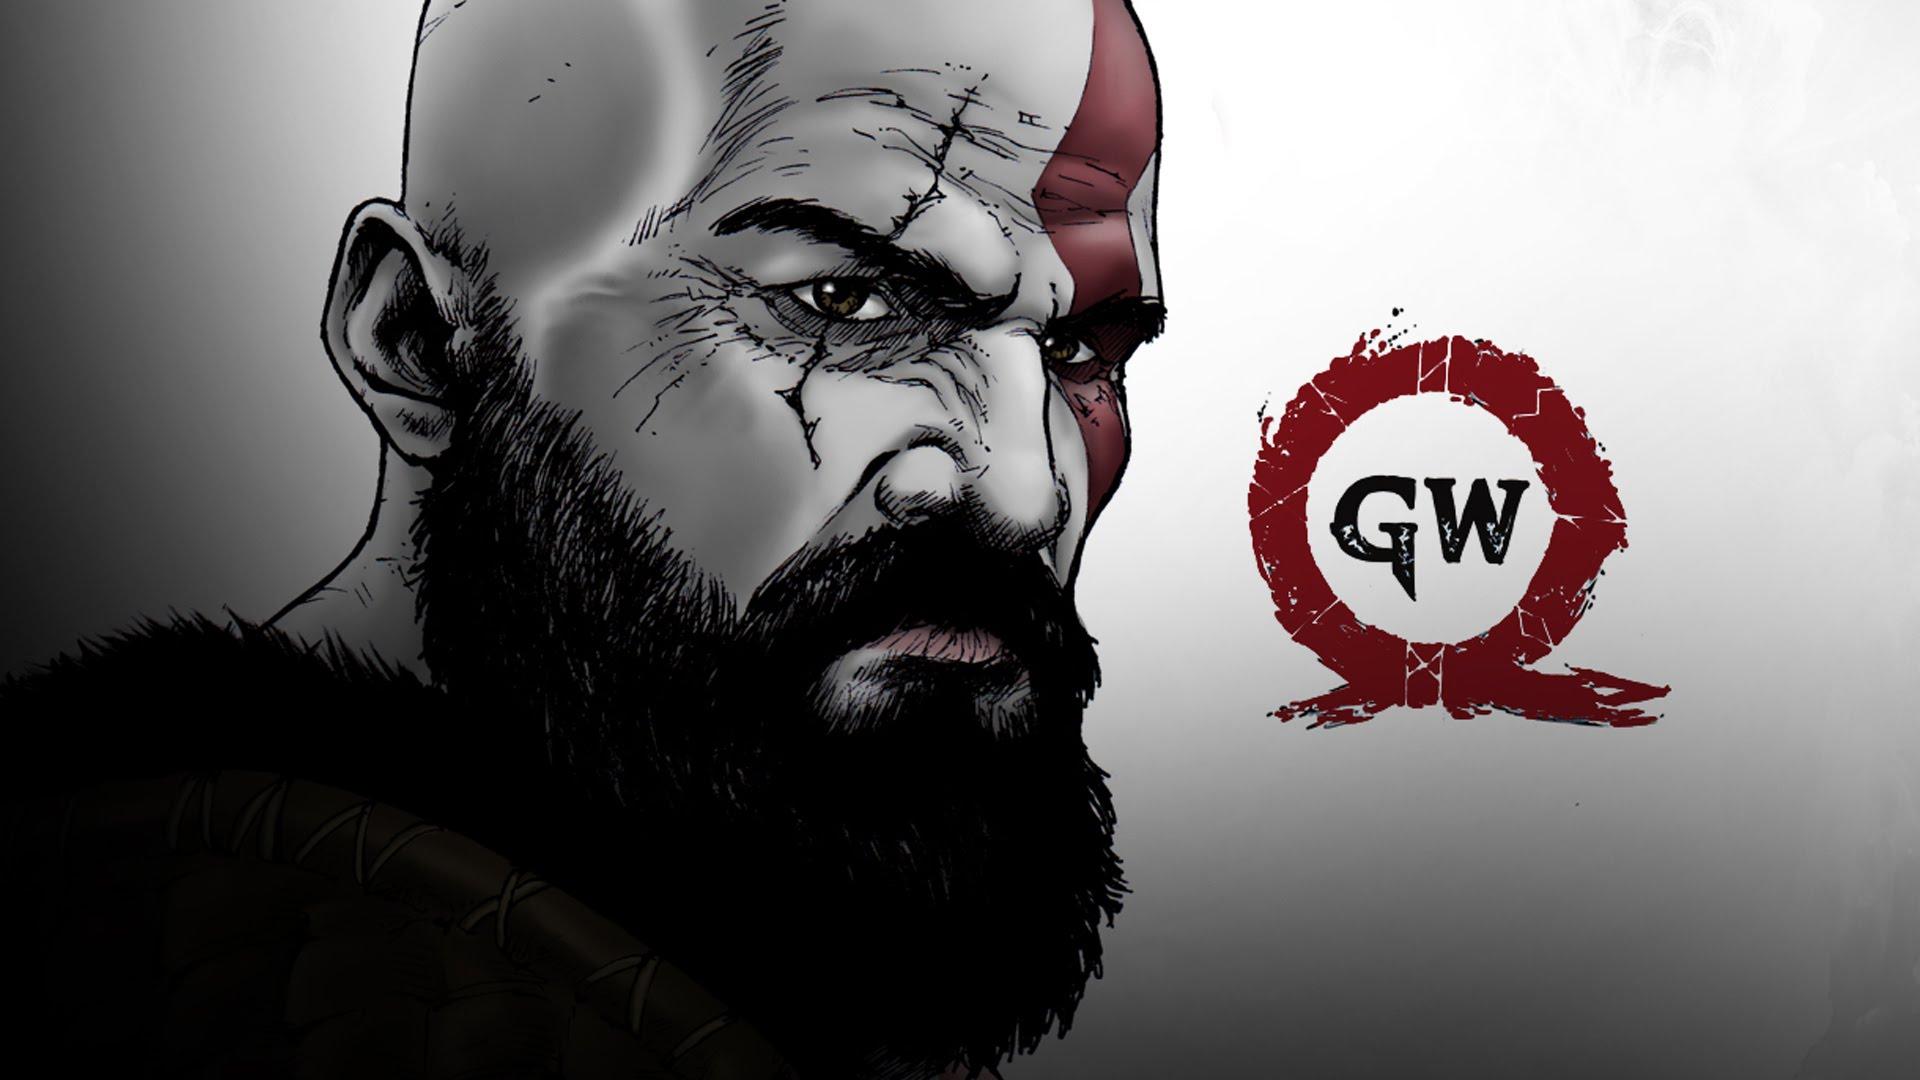 God Of War 2016 Wallpaper - God Of War 4 Theme Ps4 , HD Wallpaper & Backgrounds